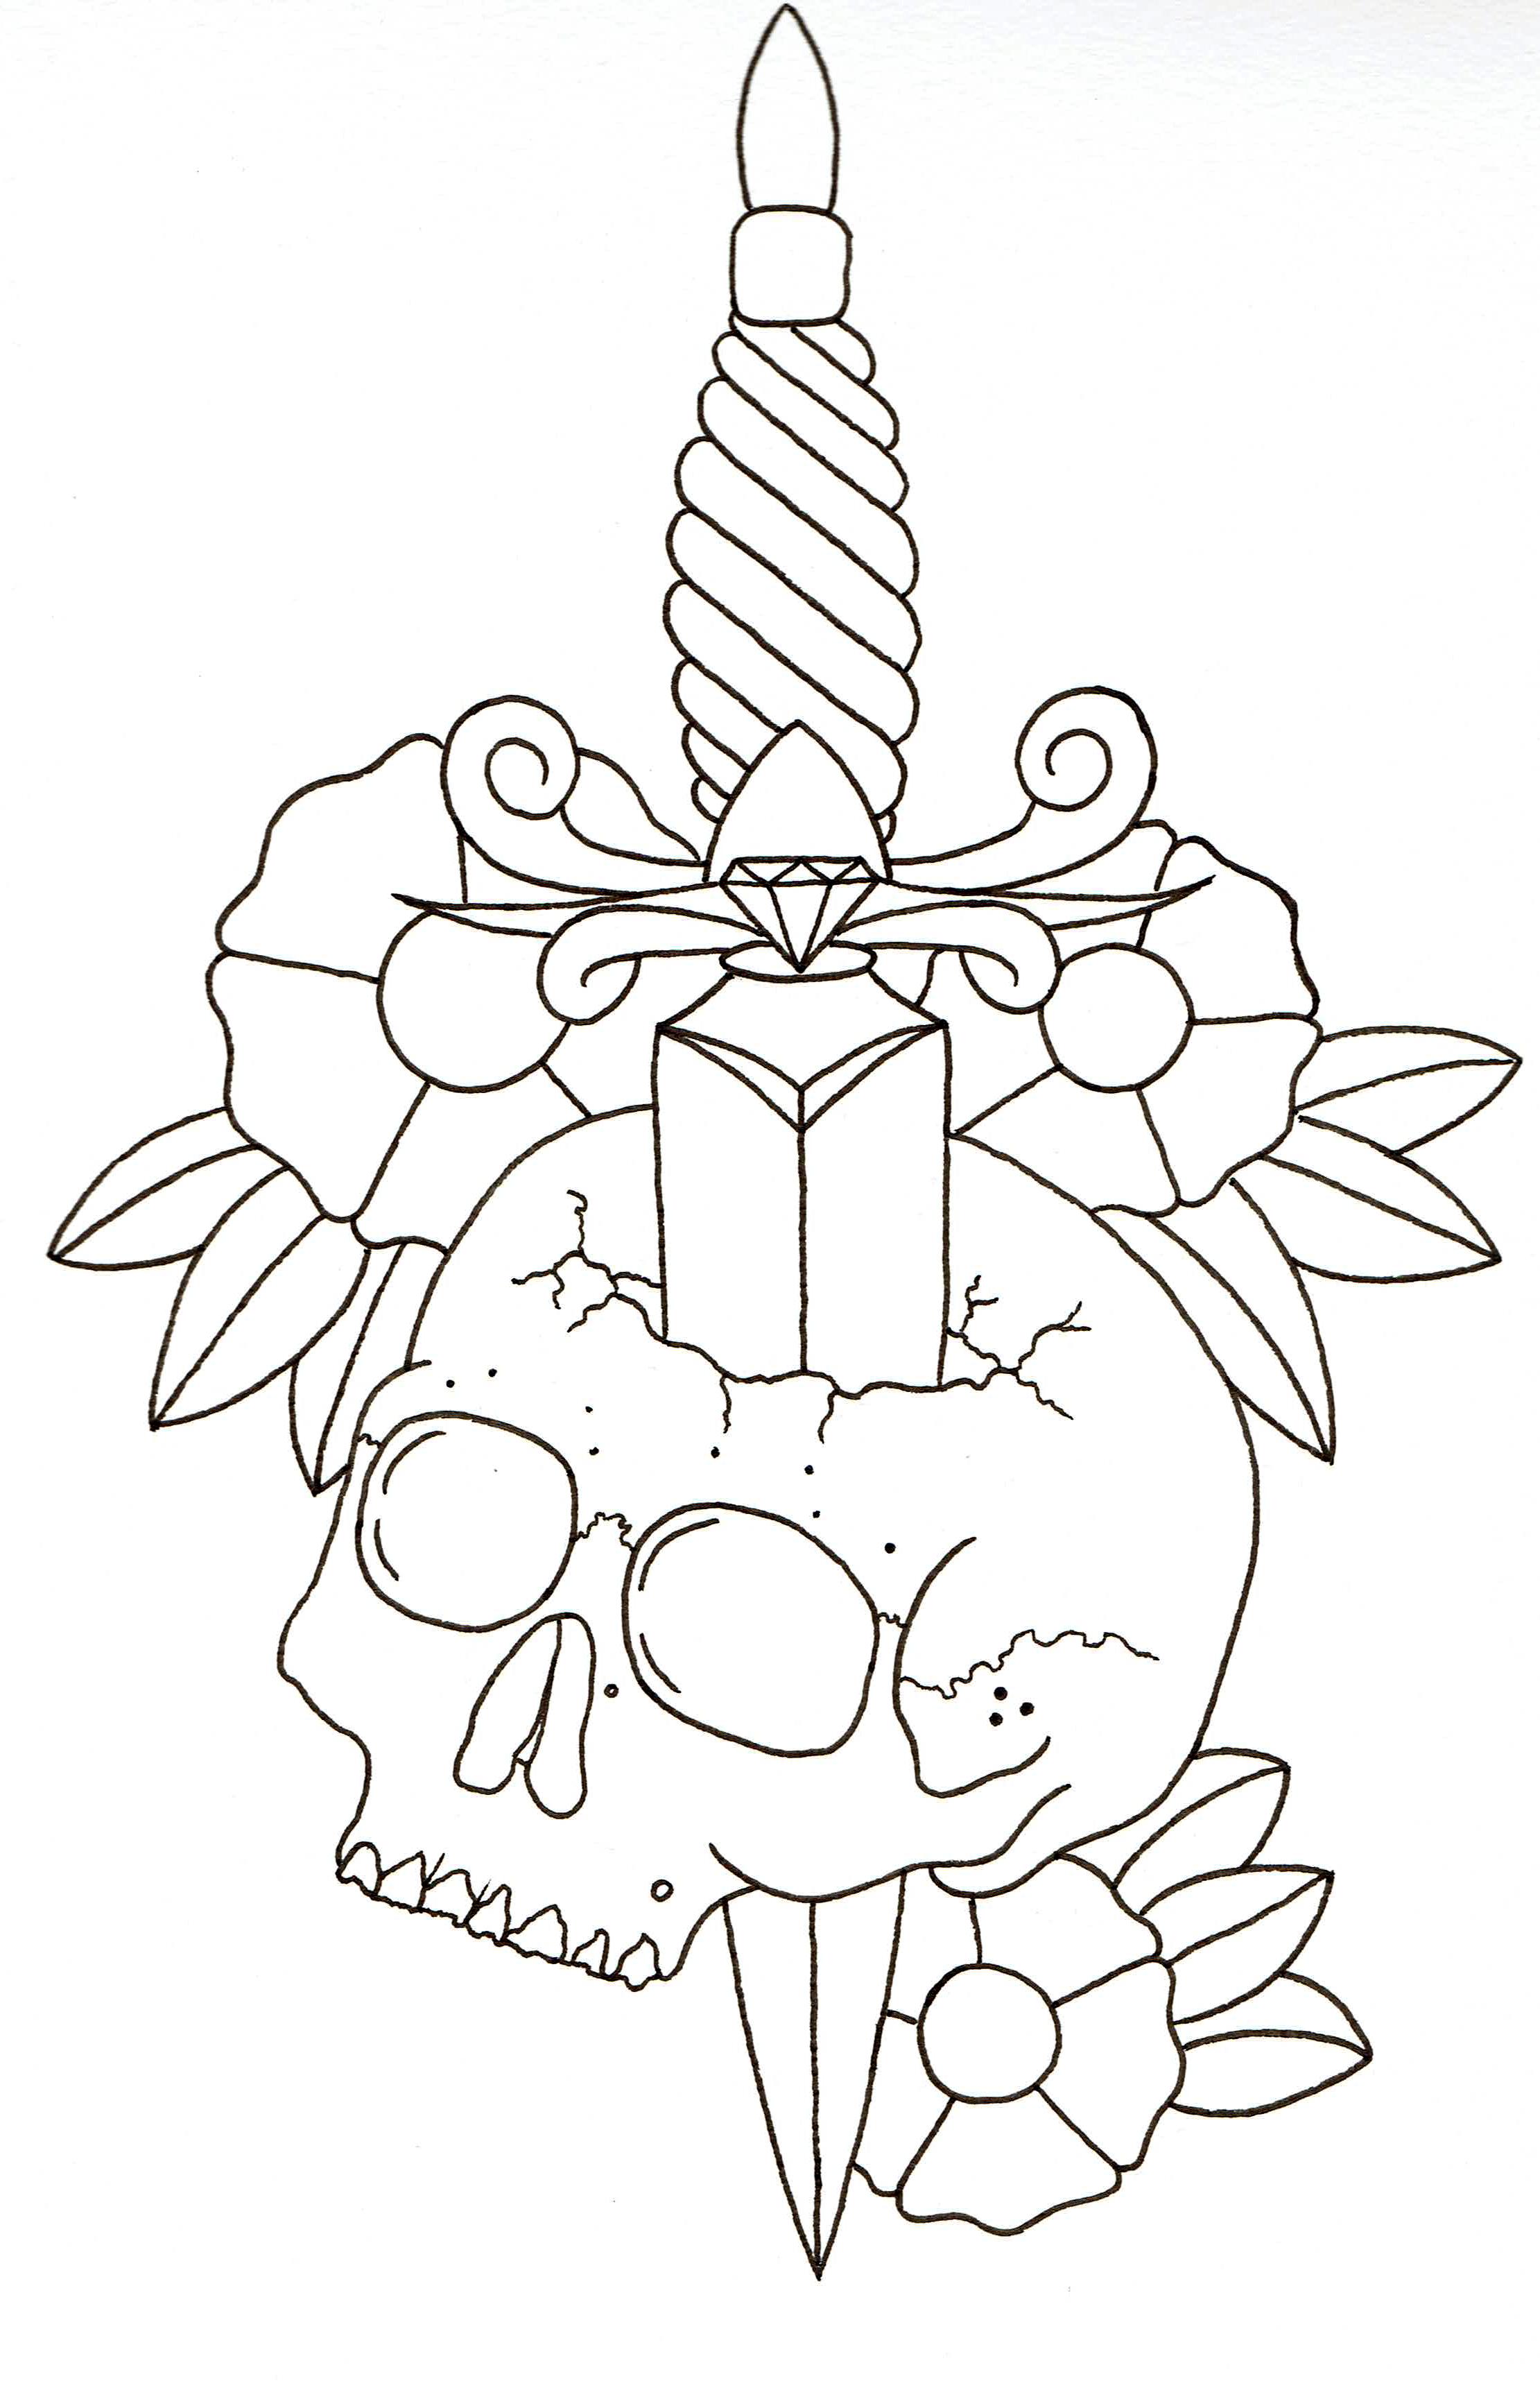 Dagger Tattoo Outline Related Keywords - Dagger Tattoo ... Traditional Dagger Tattoo Outline